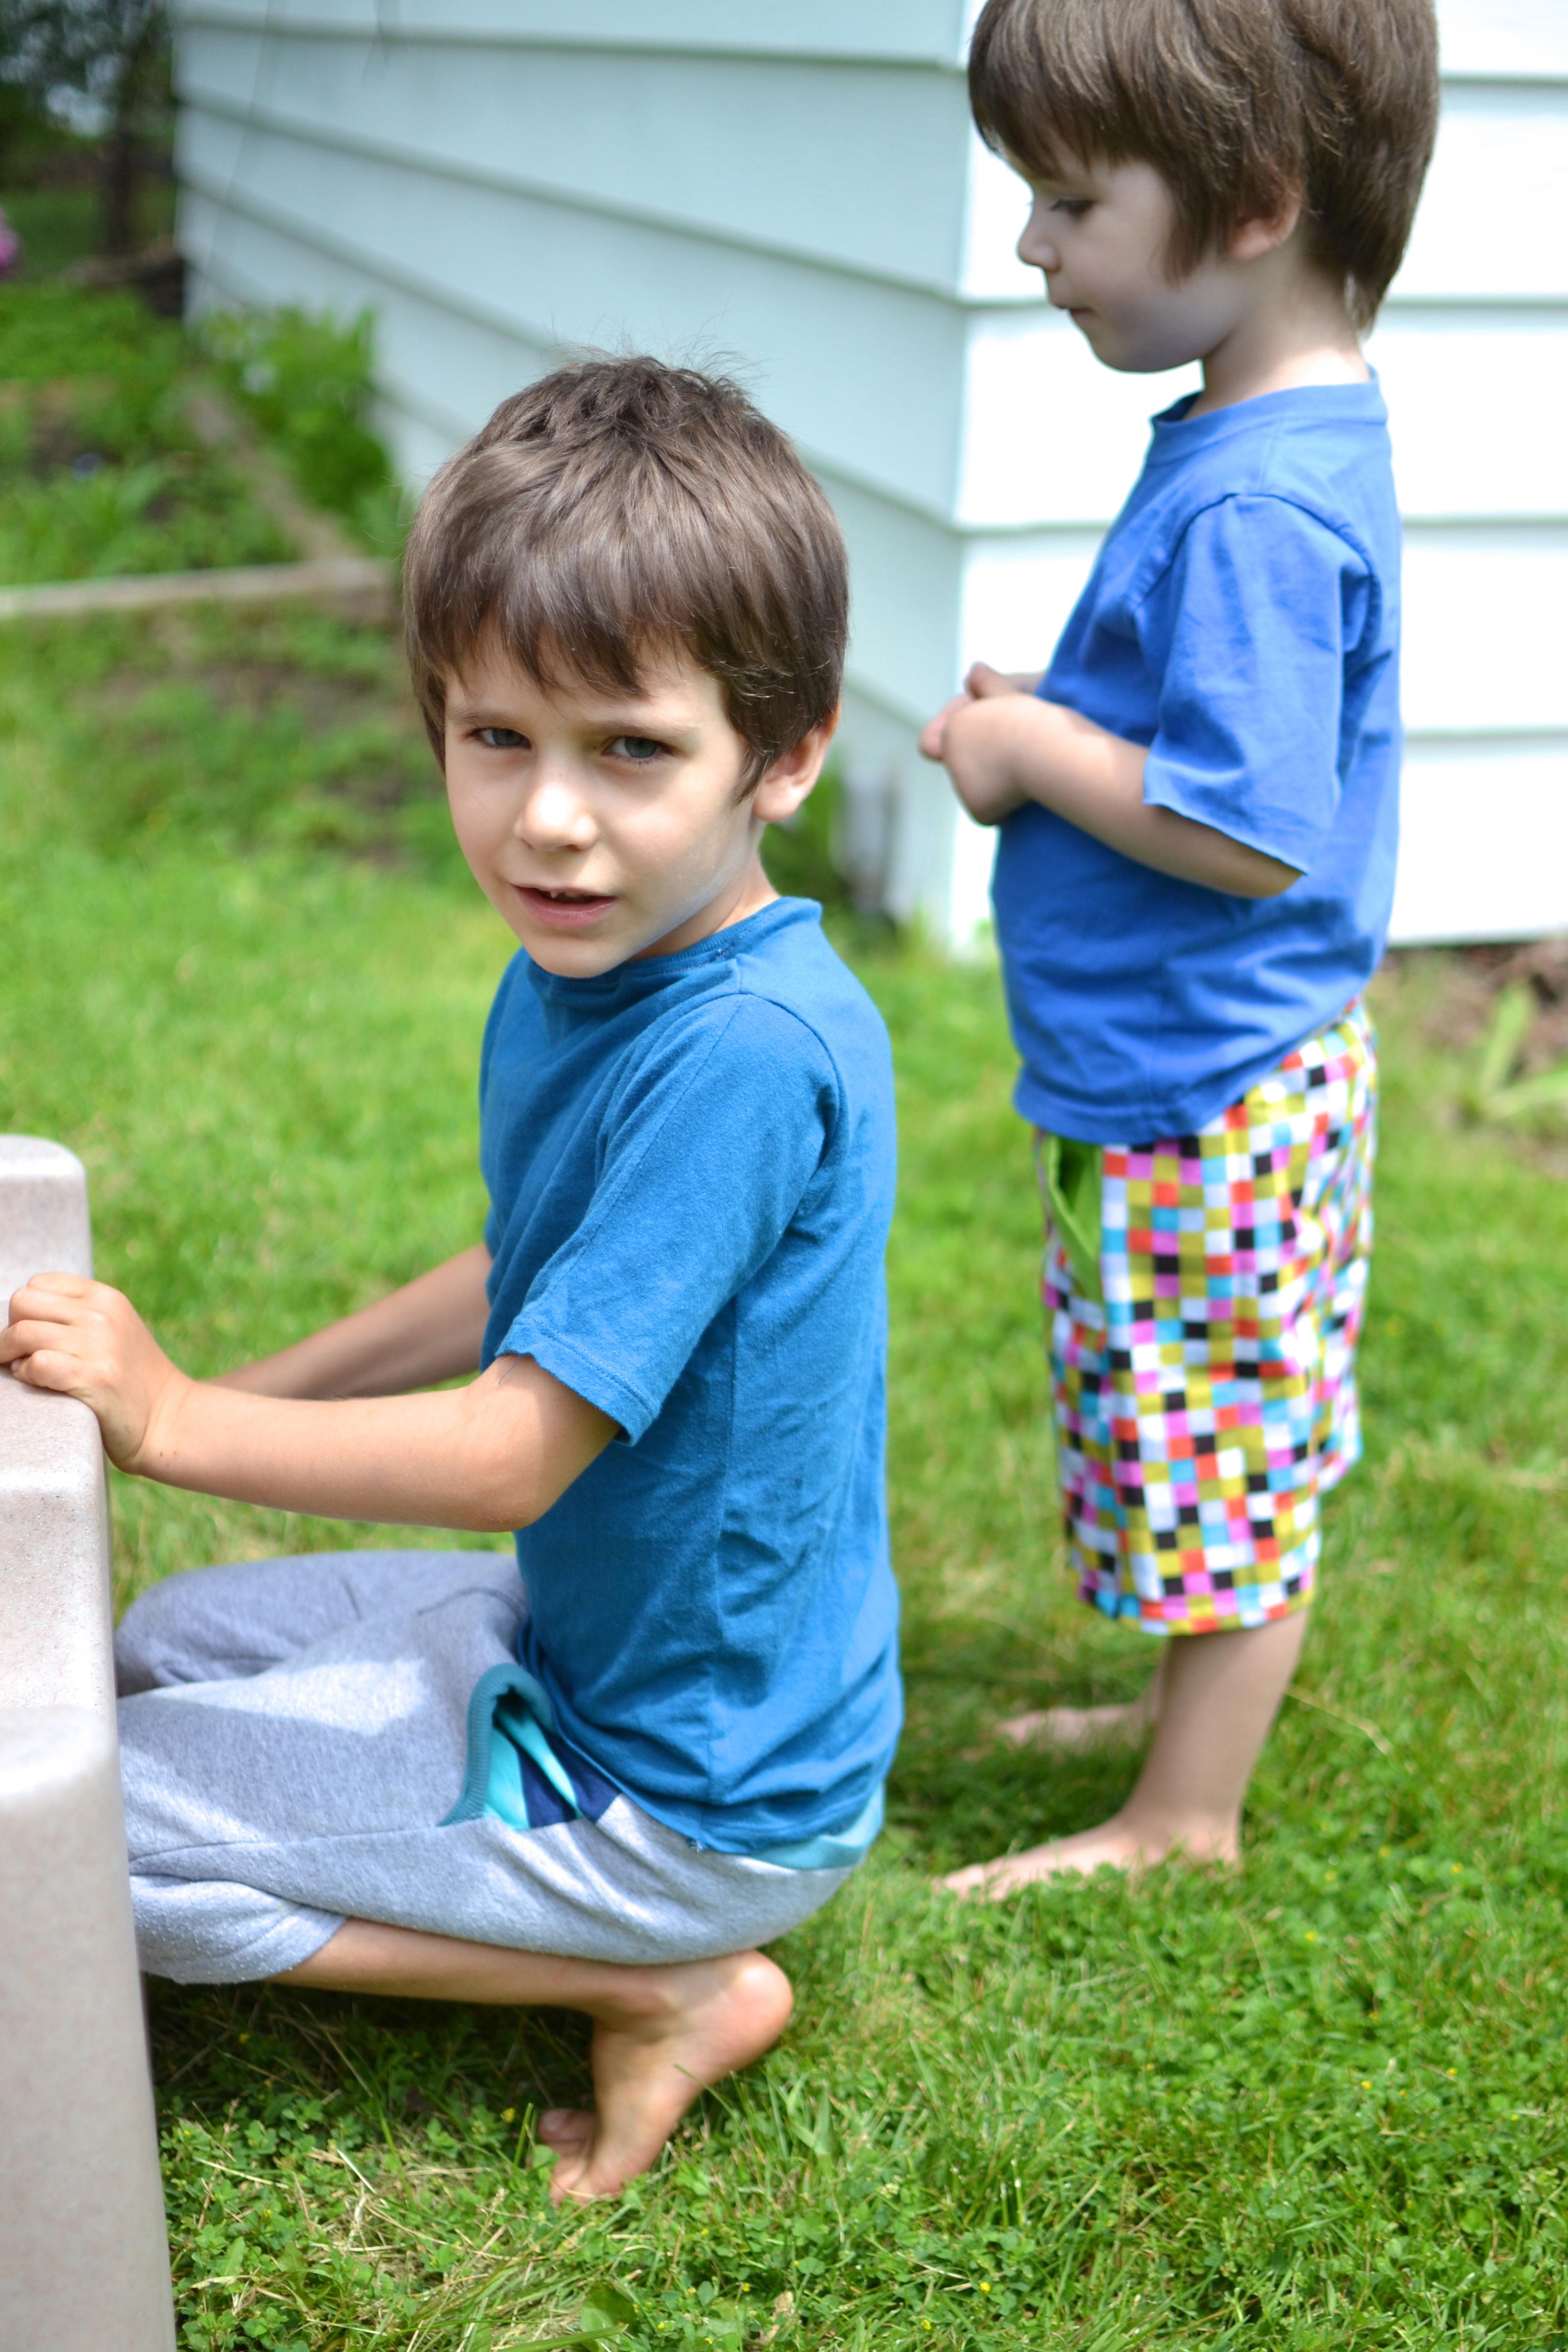 Older Boys In Diapers Images Usseek Com